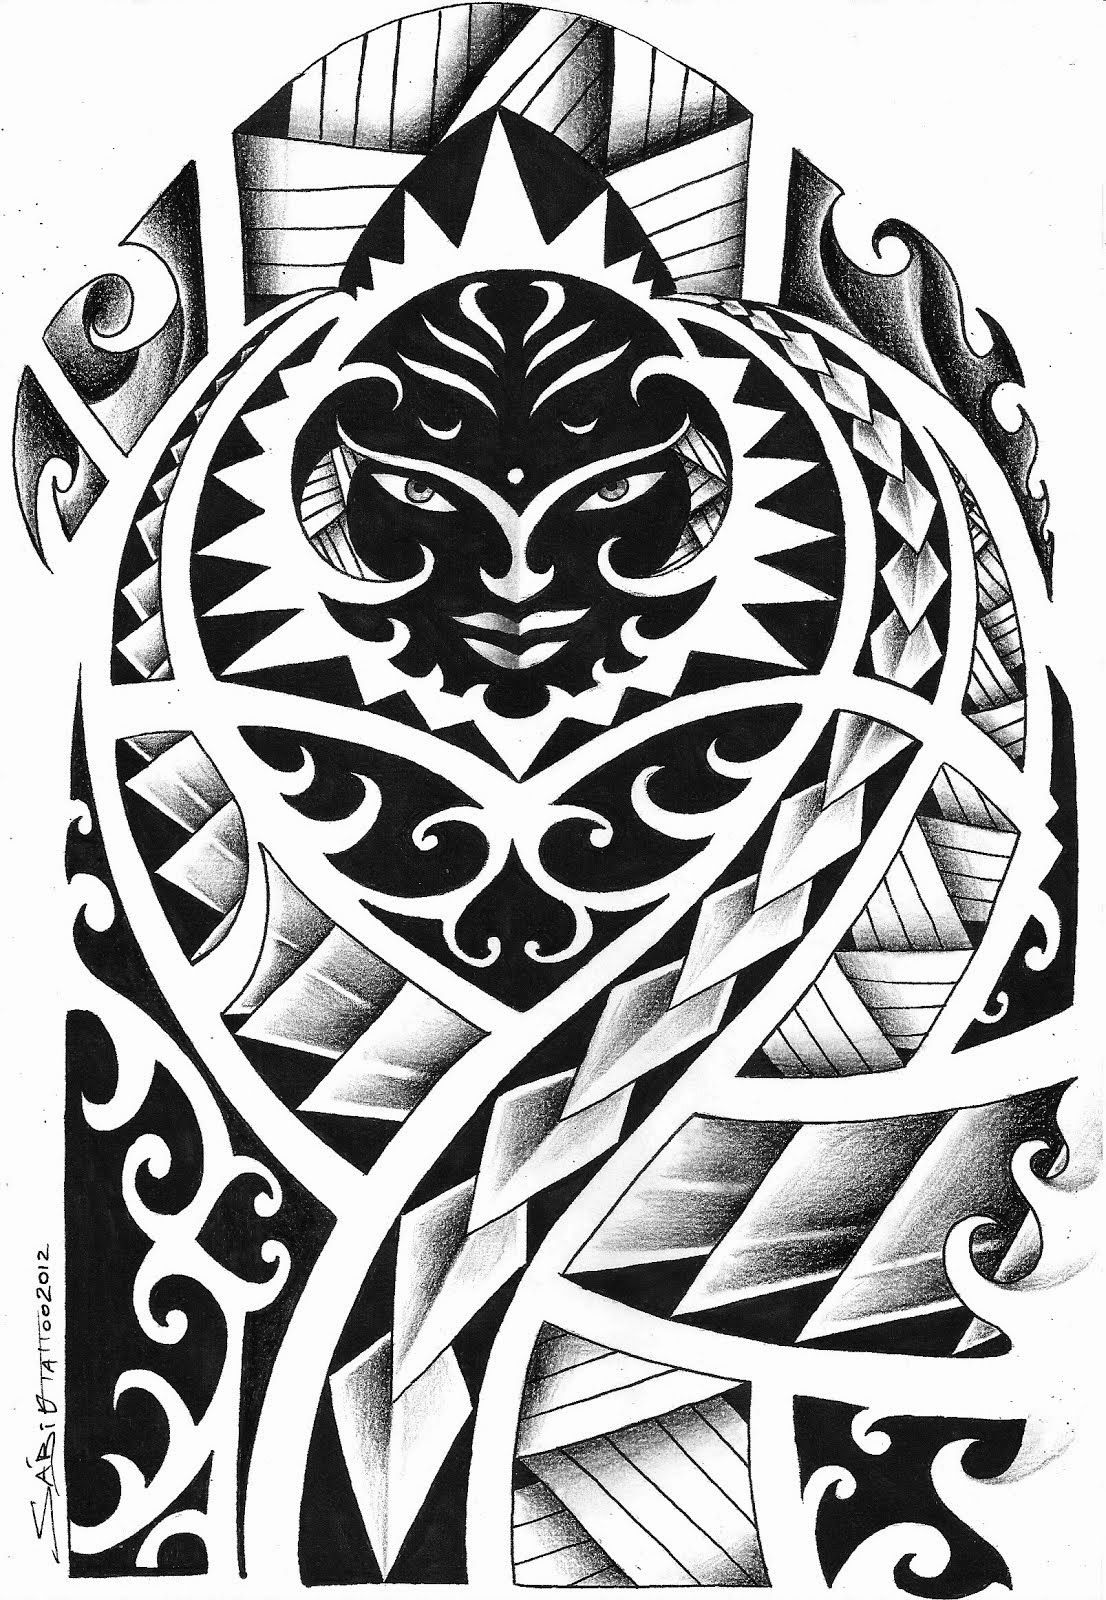 Tribal-Tattoos ab78ab6a09d3624c9afbdd64e97801bd